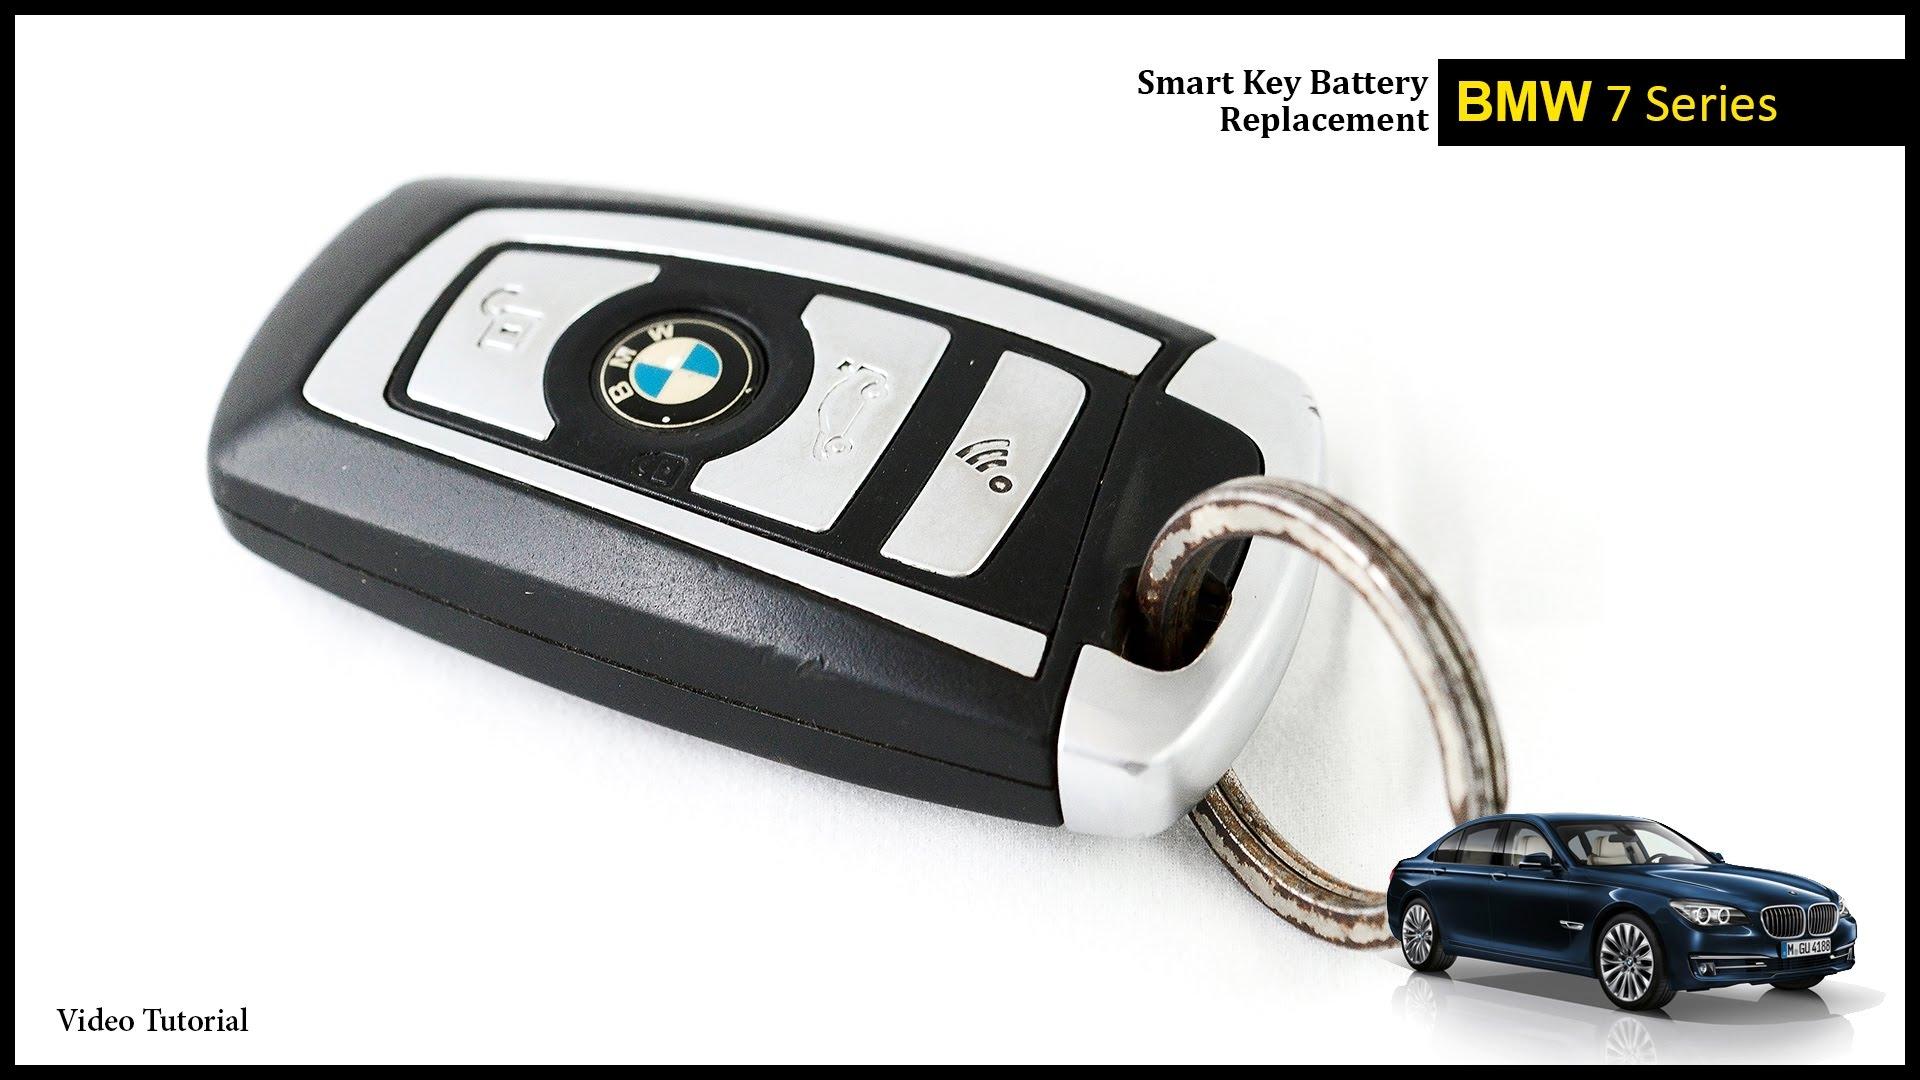 BMW 7 Series Smart Key Battery Change